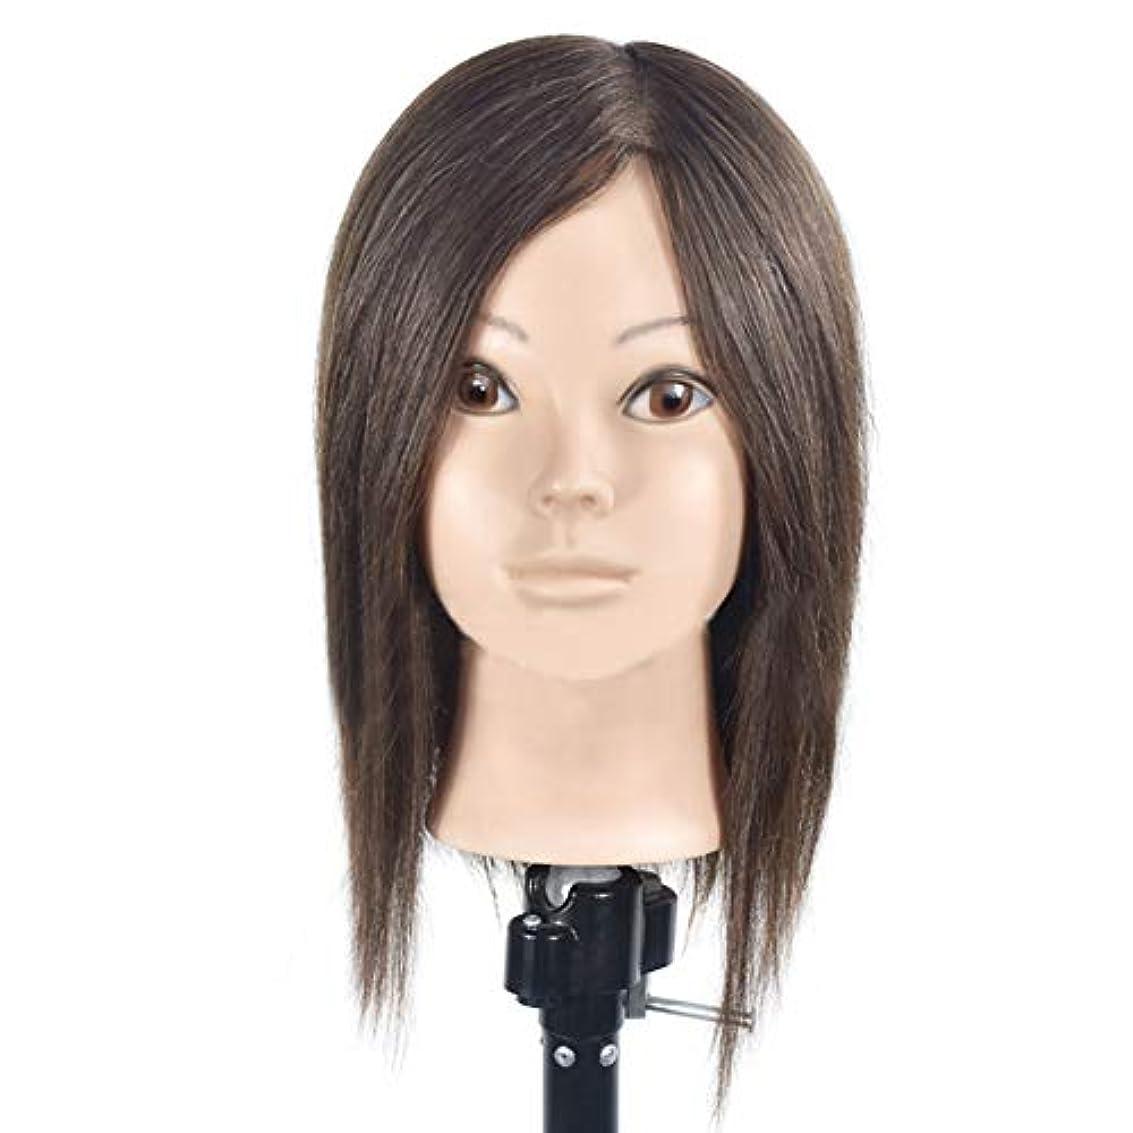 ミキサー持っている受信本物の人間の髪のかつらの頭の金型の理髪の髪型のスタイリングマネキンの頭の理髪店の練習の練習ダミーヘッド